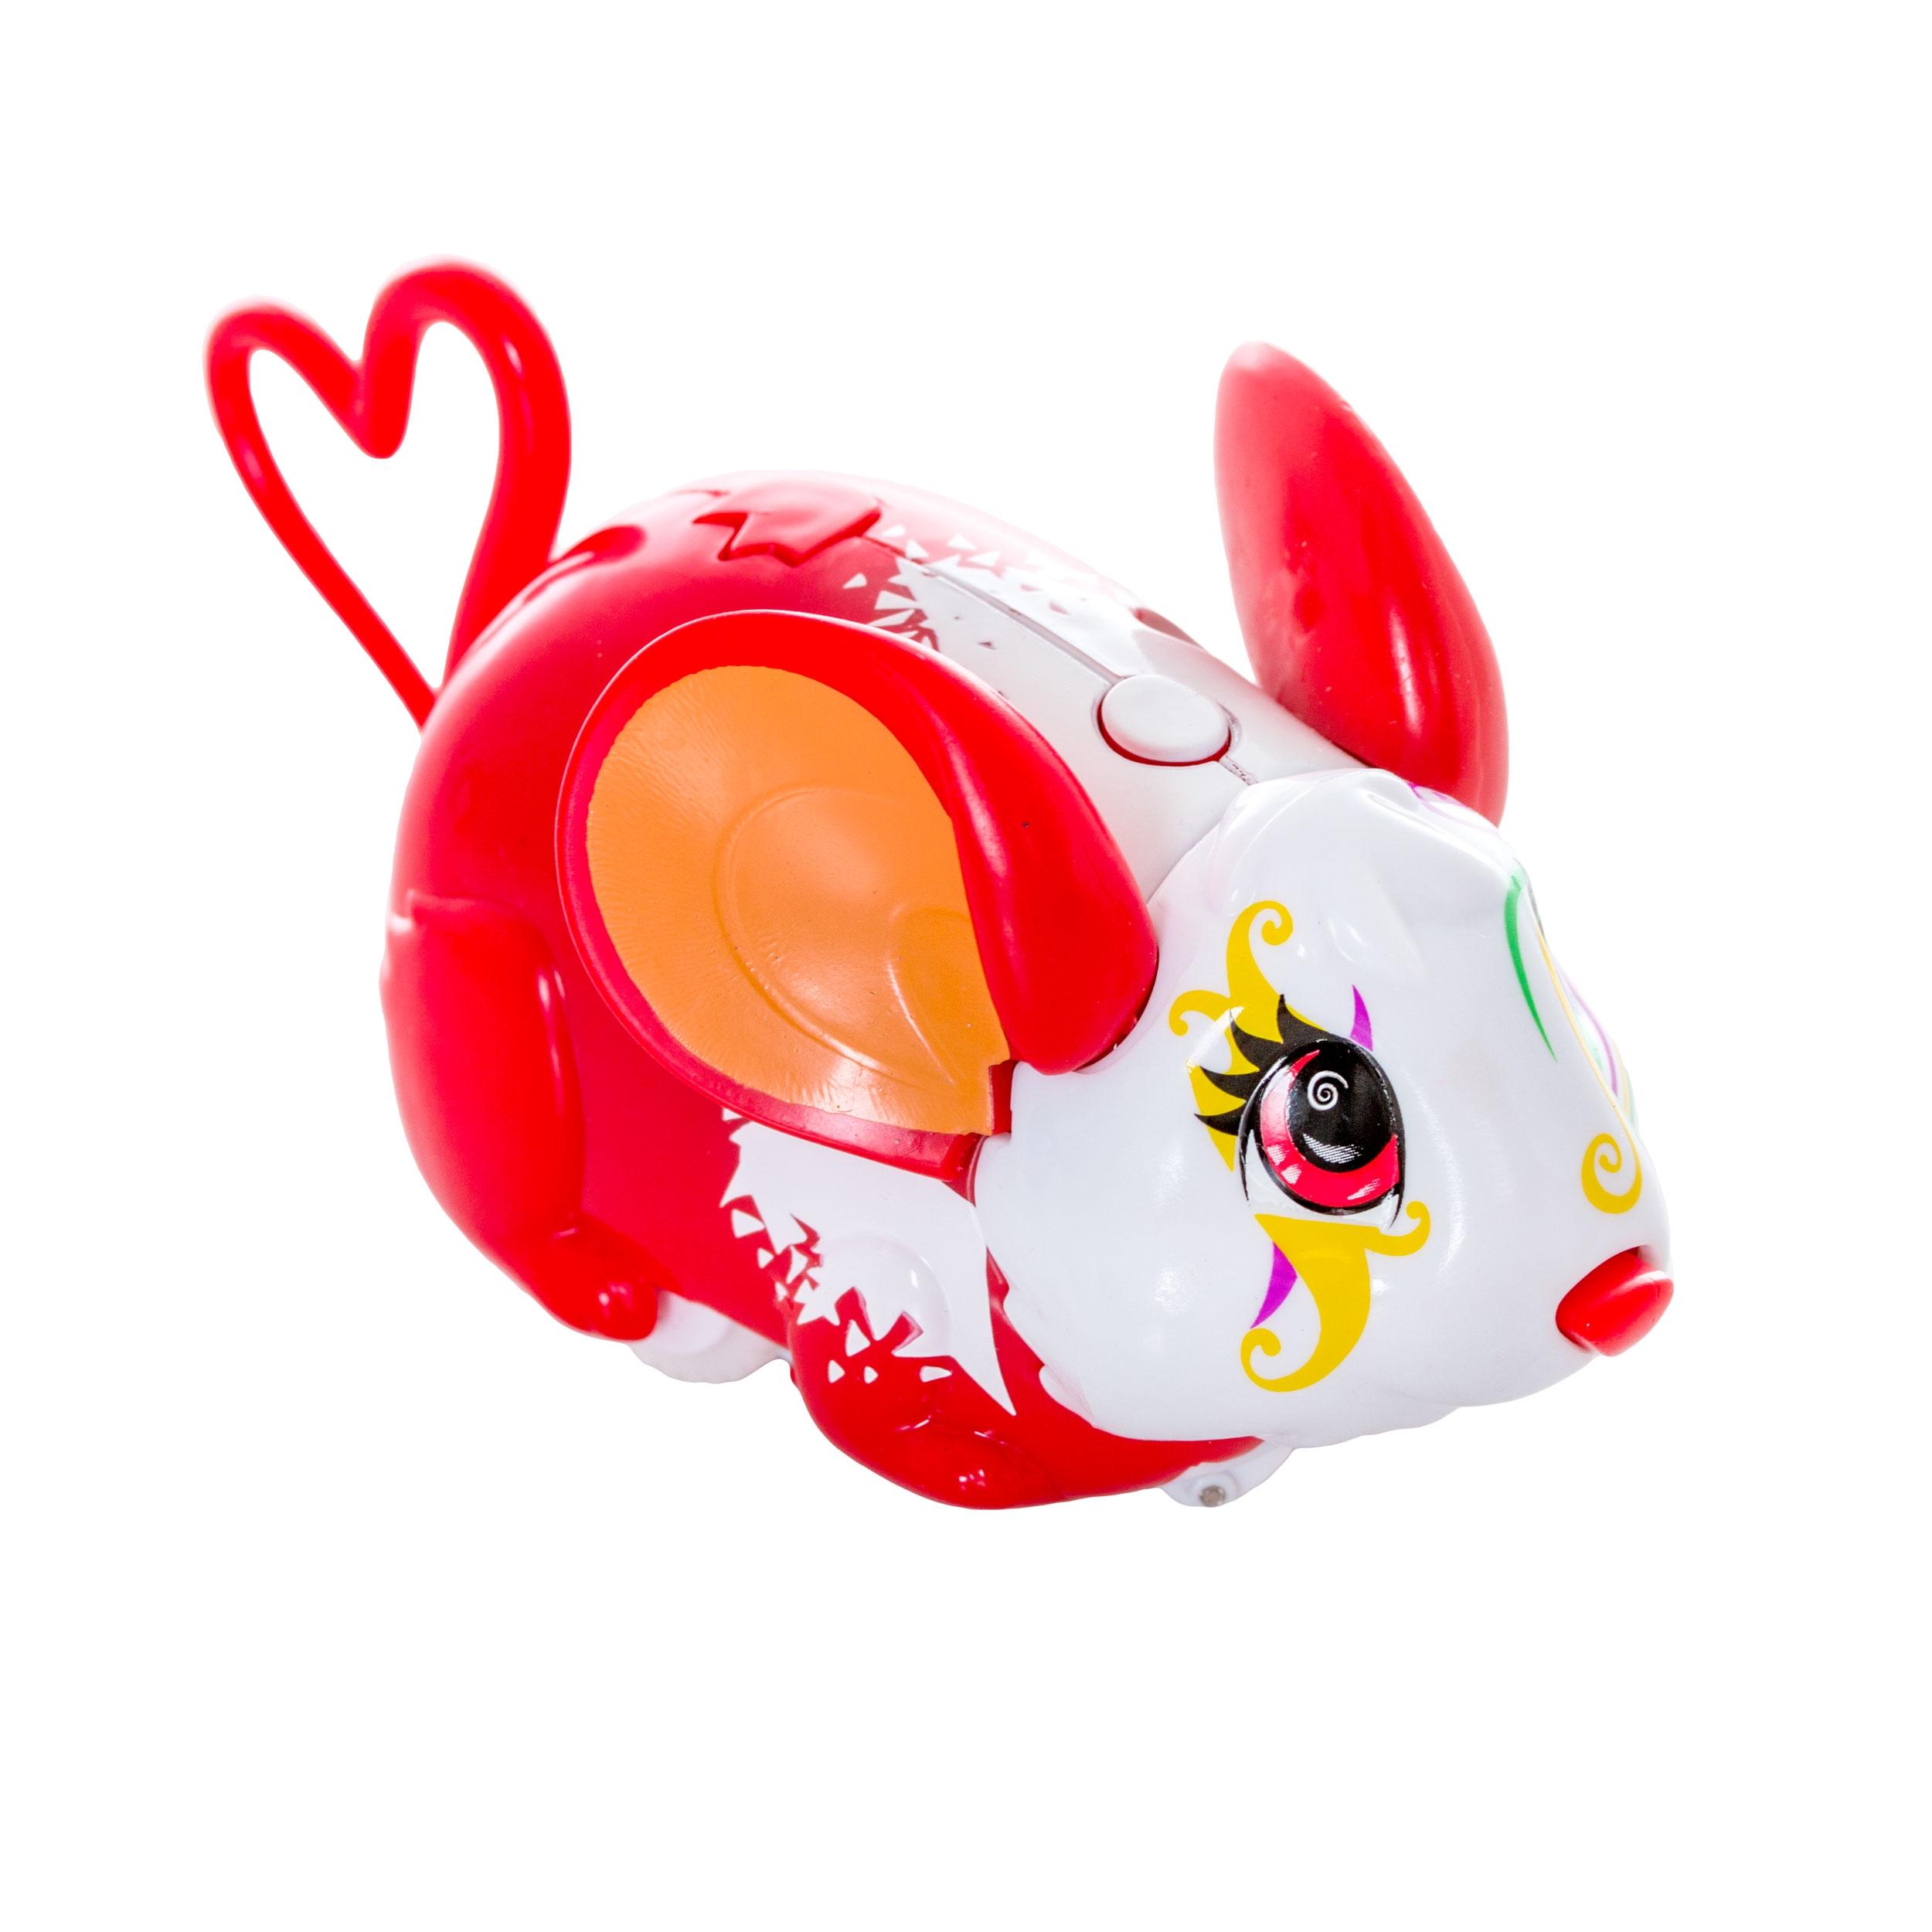 Amazing Zhus Amazing Zhus Мышка-циркач Алесса игровая фигурка cepia cepia интерактивная игрушка amazing zhus мышка циркач абра